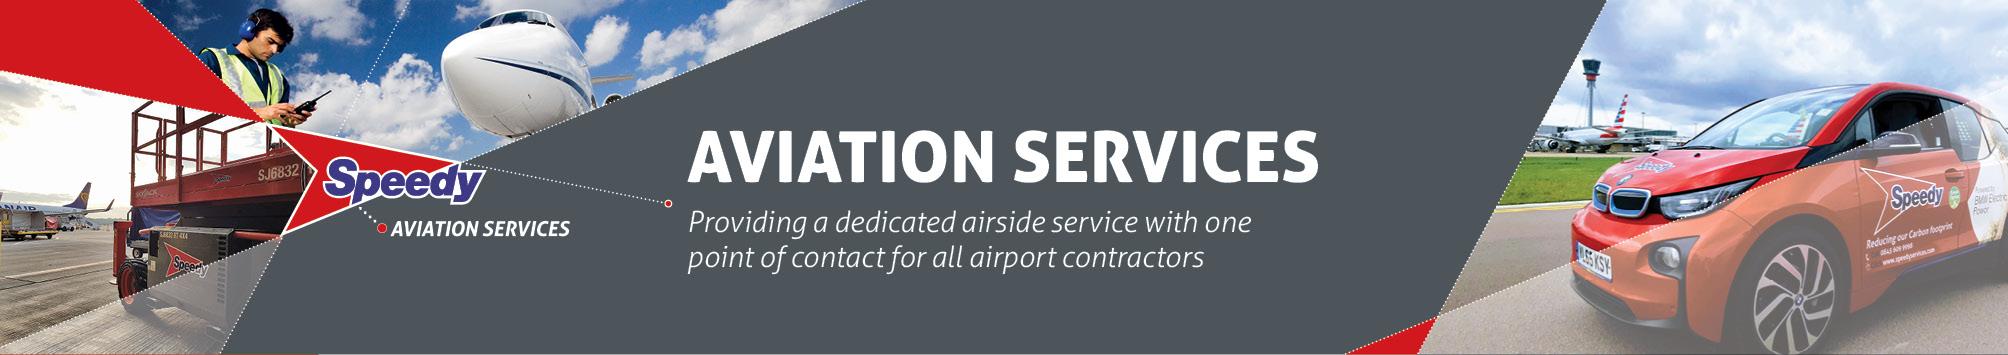 Aviation Landing Page Header 2.jpg